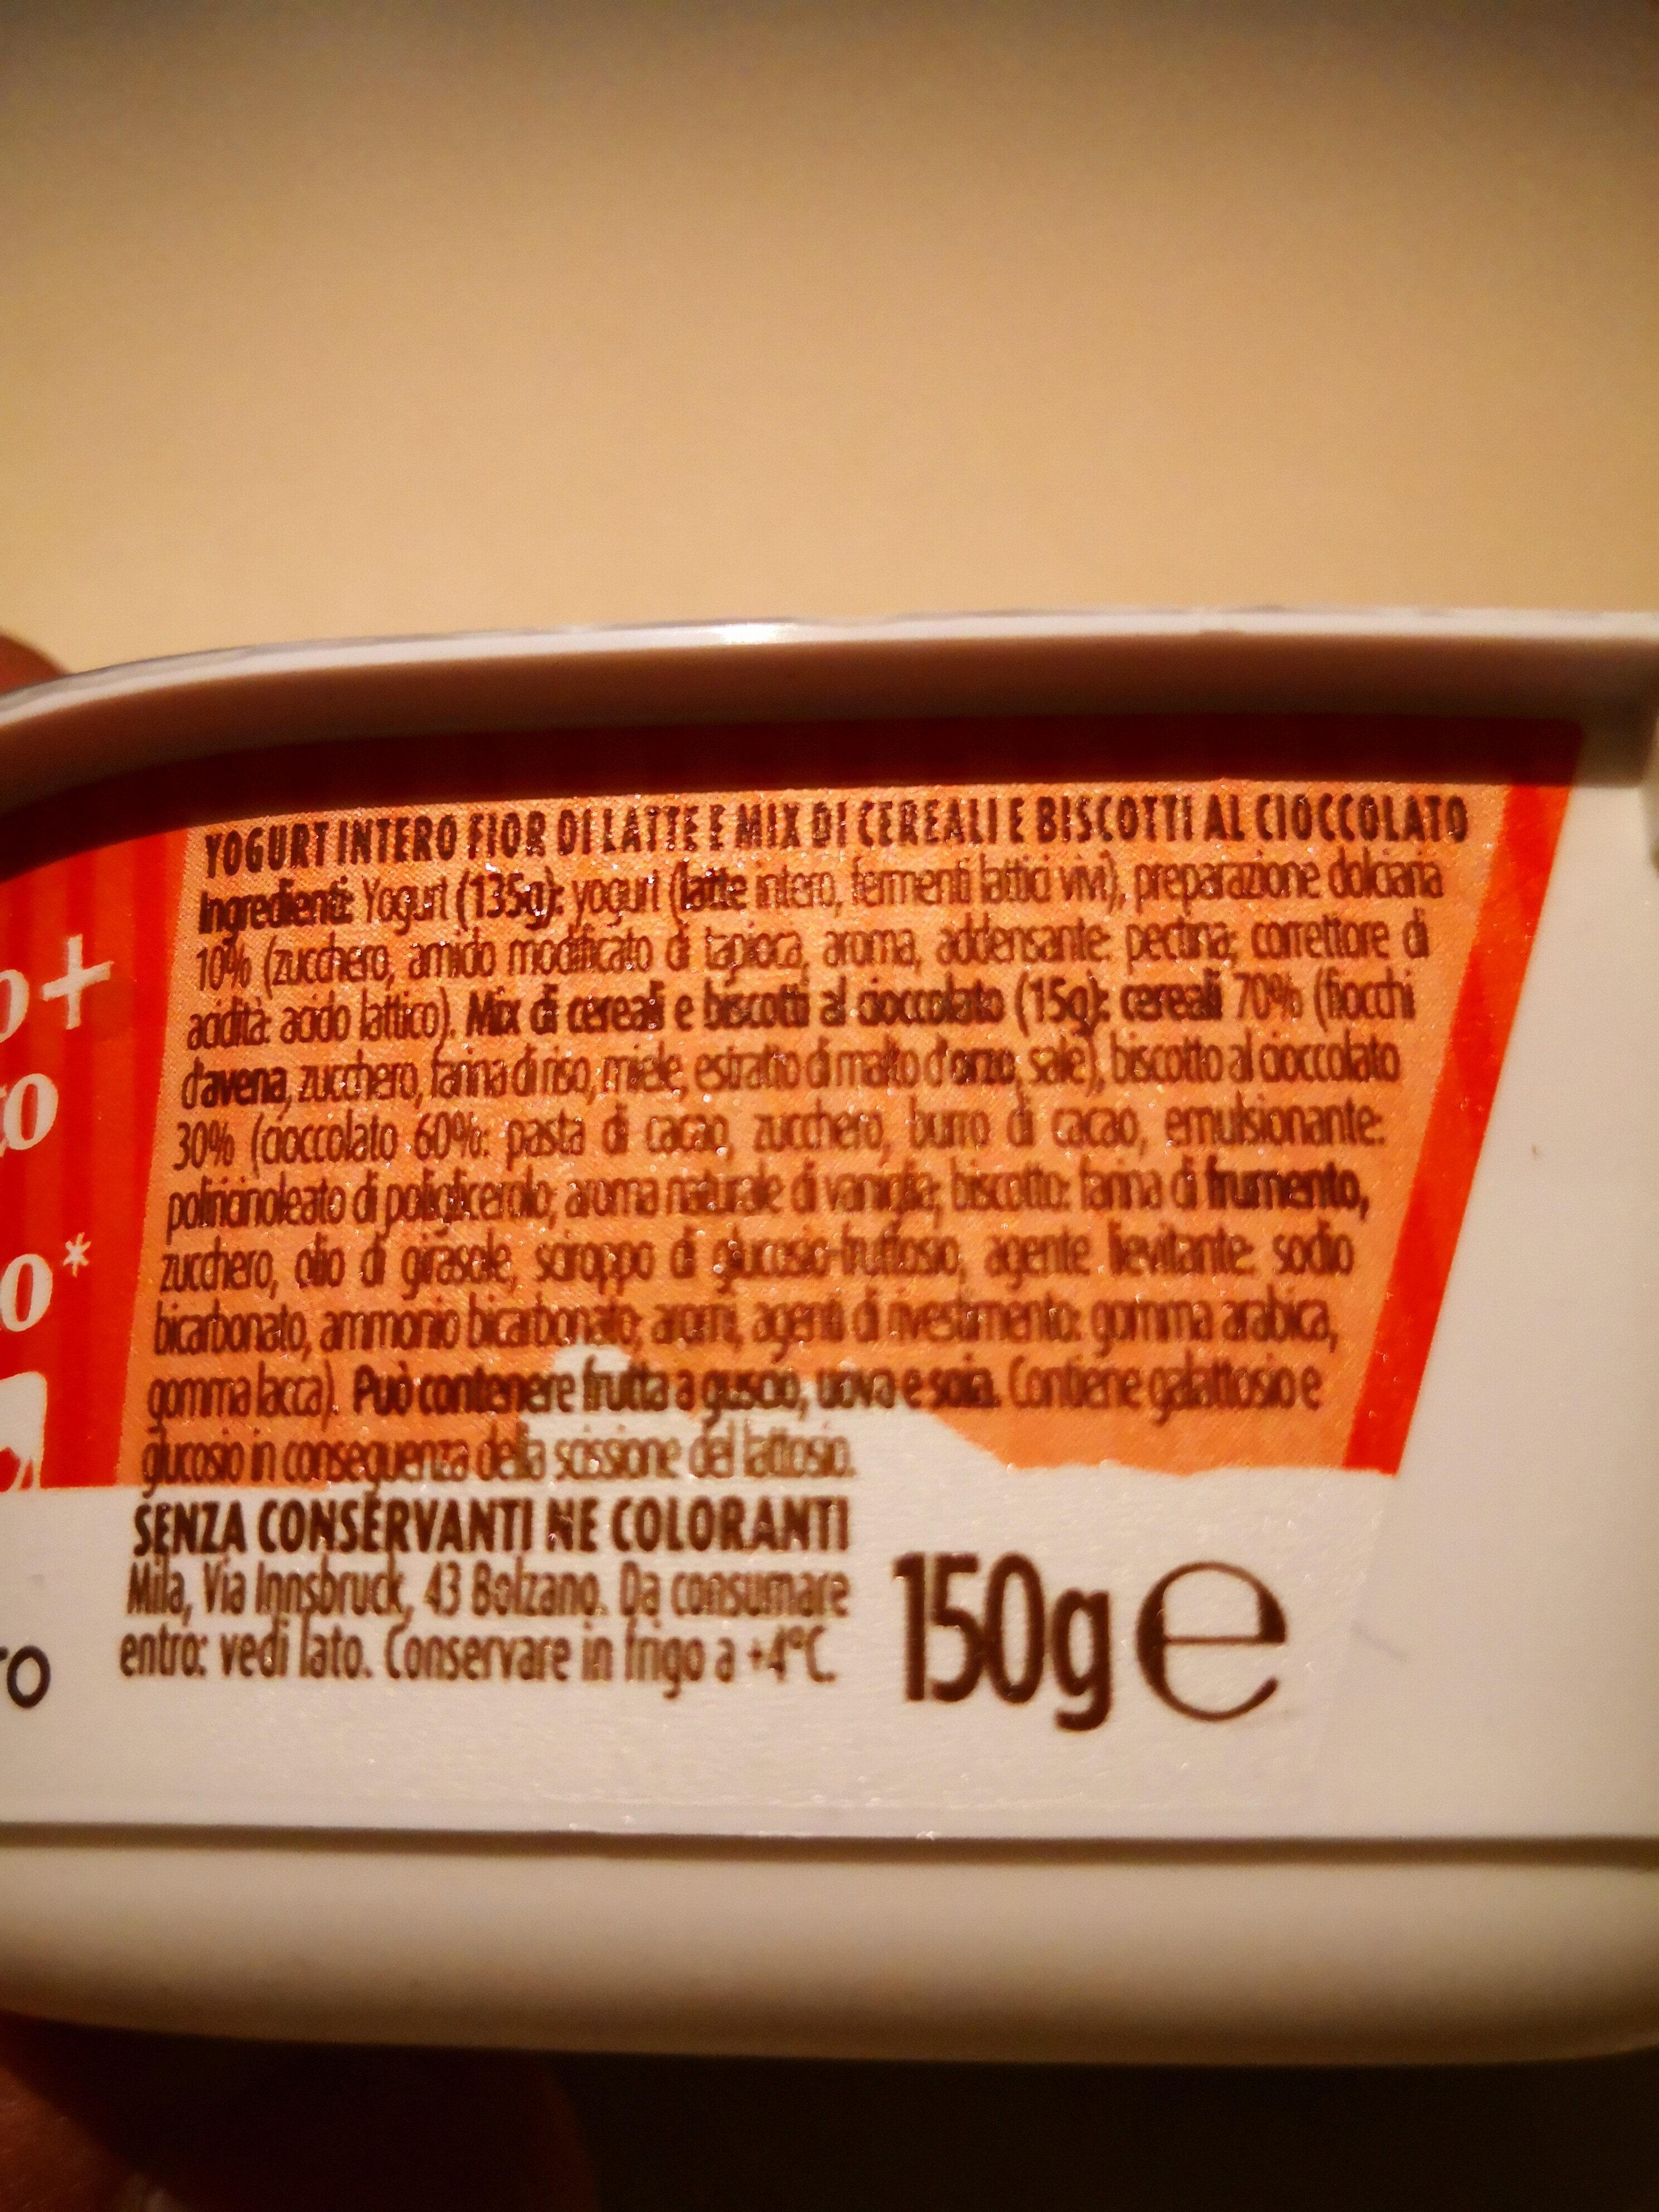 Yogurt Fior di latte e Cereali con biscotti al cioccolato - Gusto + Gusto - Ingrédients